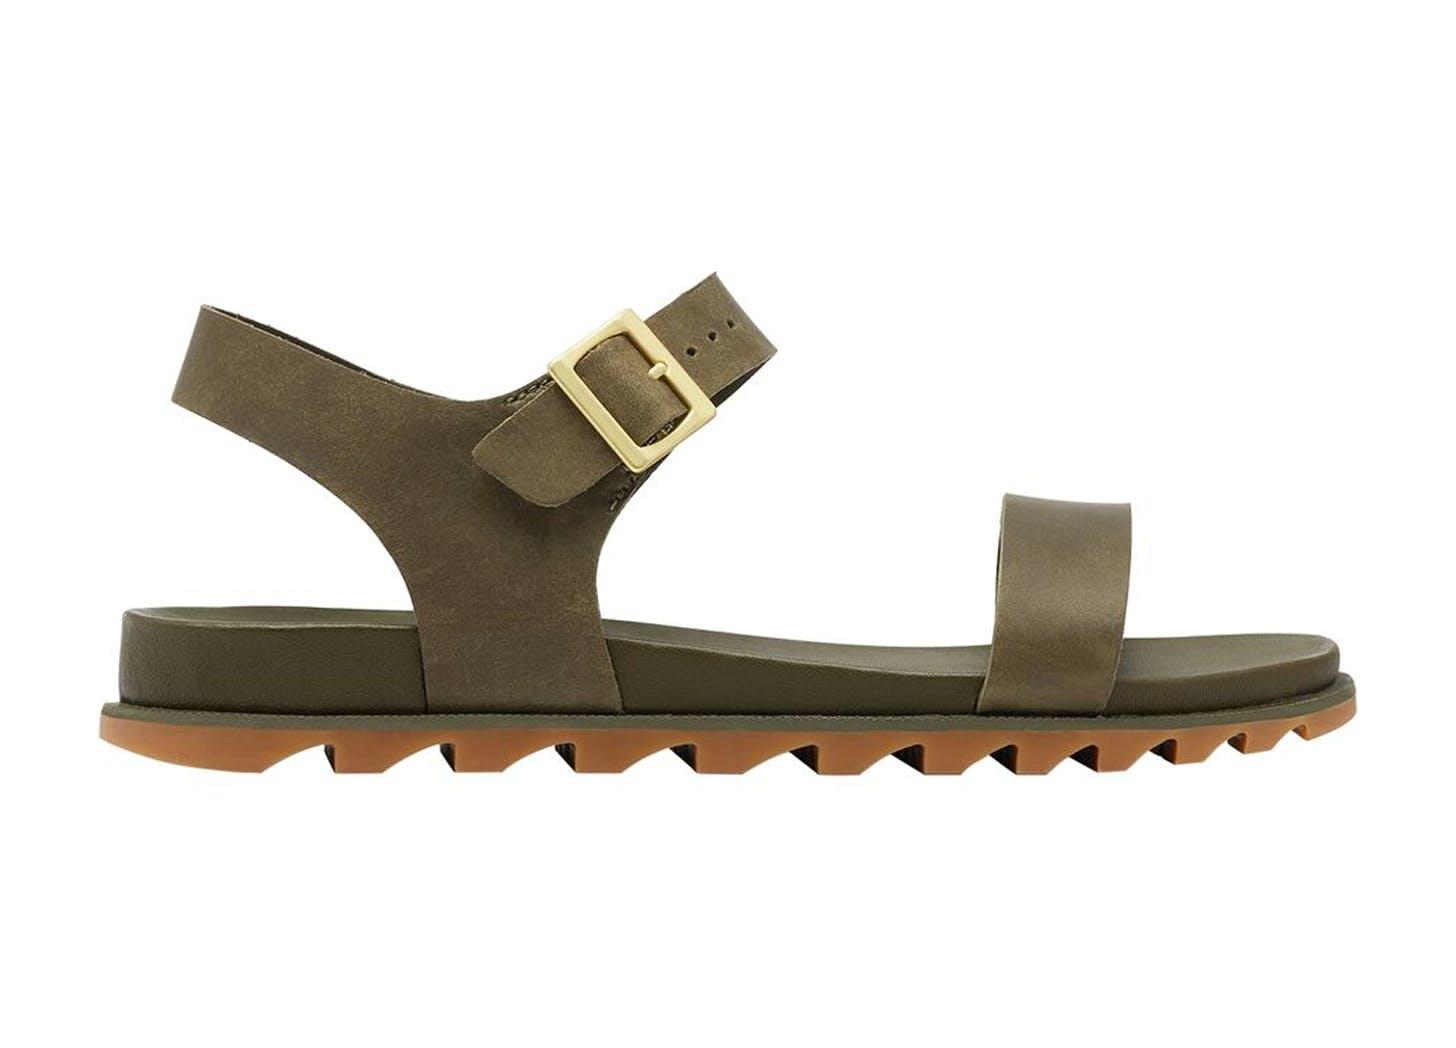 sorel most comfortable sandals